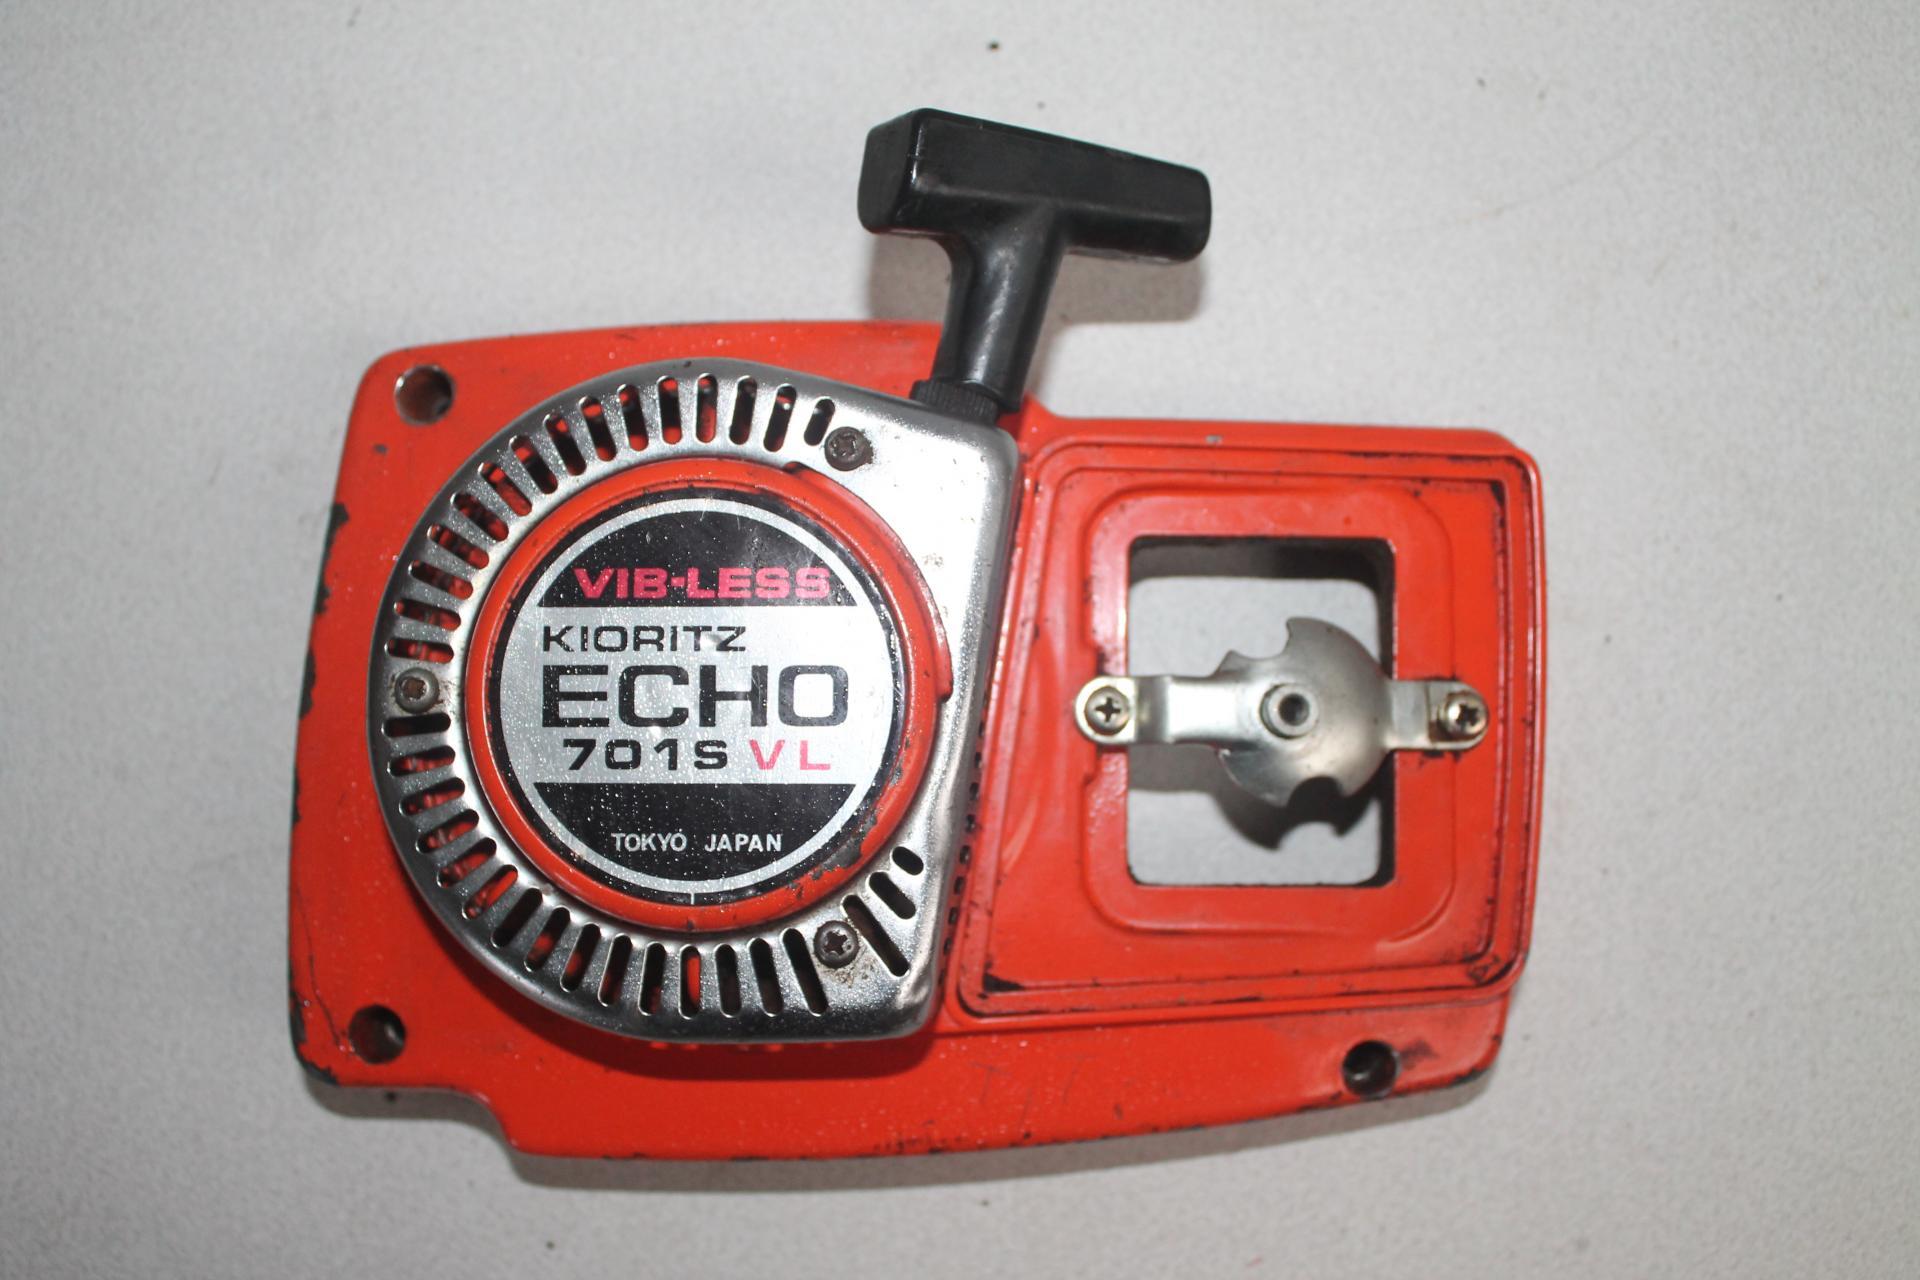 Arranque ECHO 701 VL